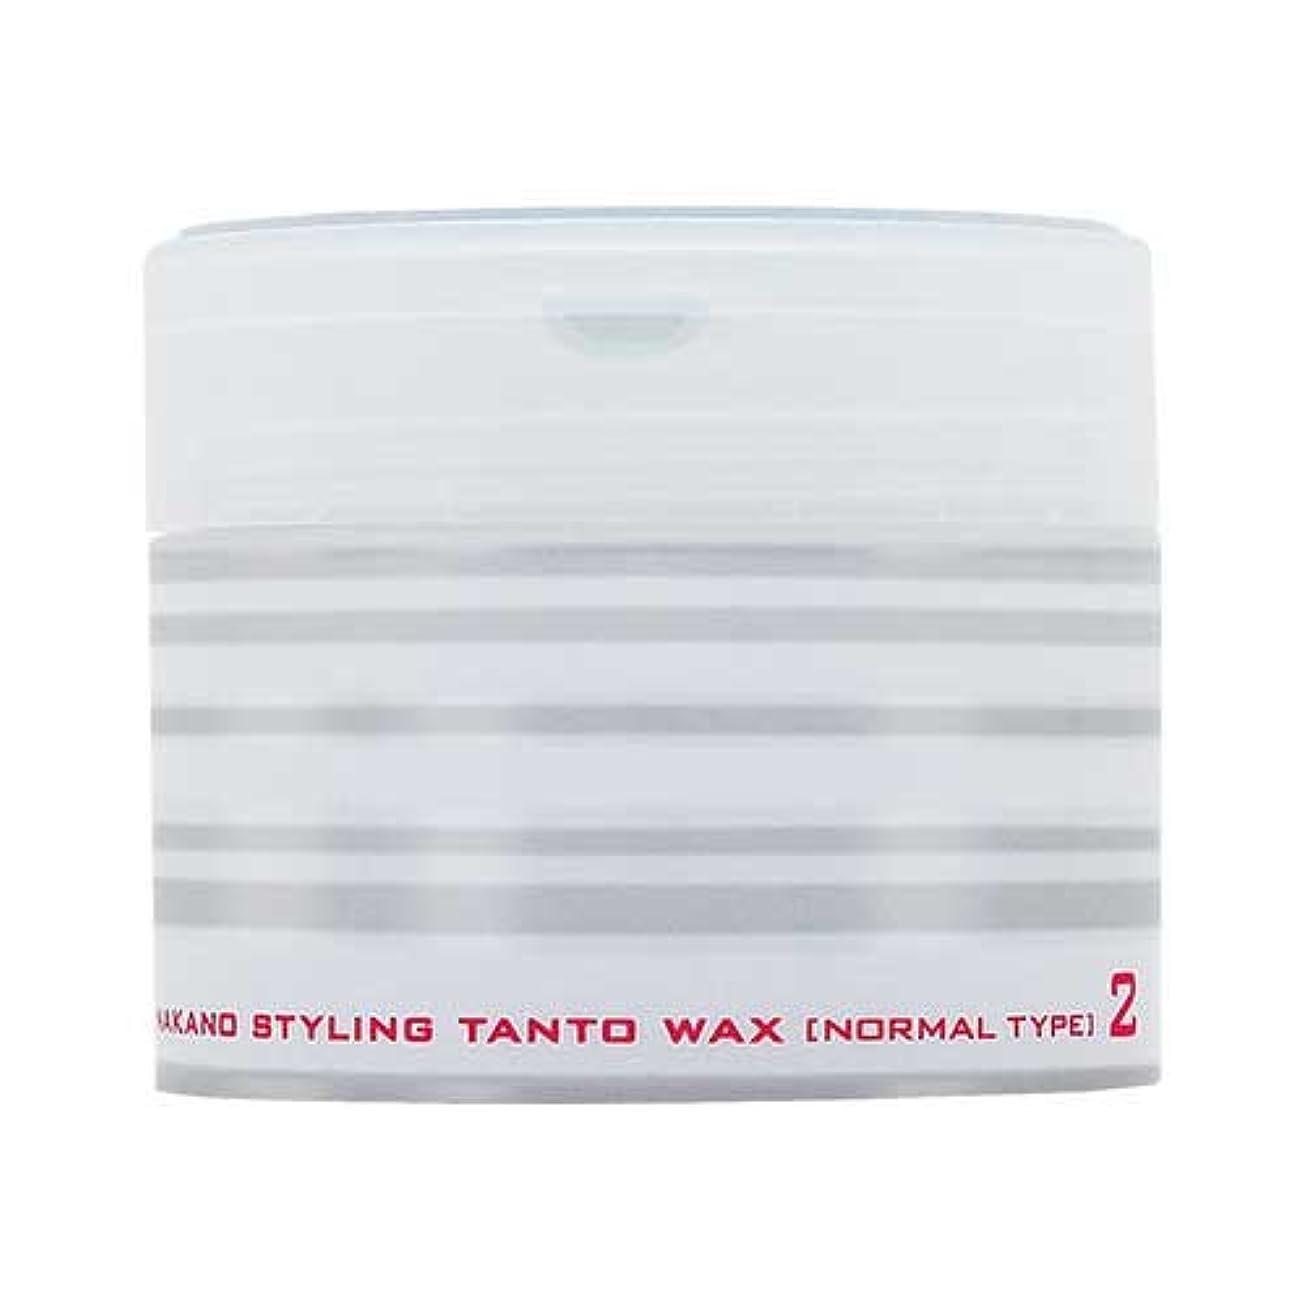 許可アジア人フォルダナカノ スタイリング タントN ワックス 2 ノーマルタイプ 90g 中野製薬 NAKANO